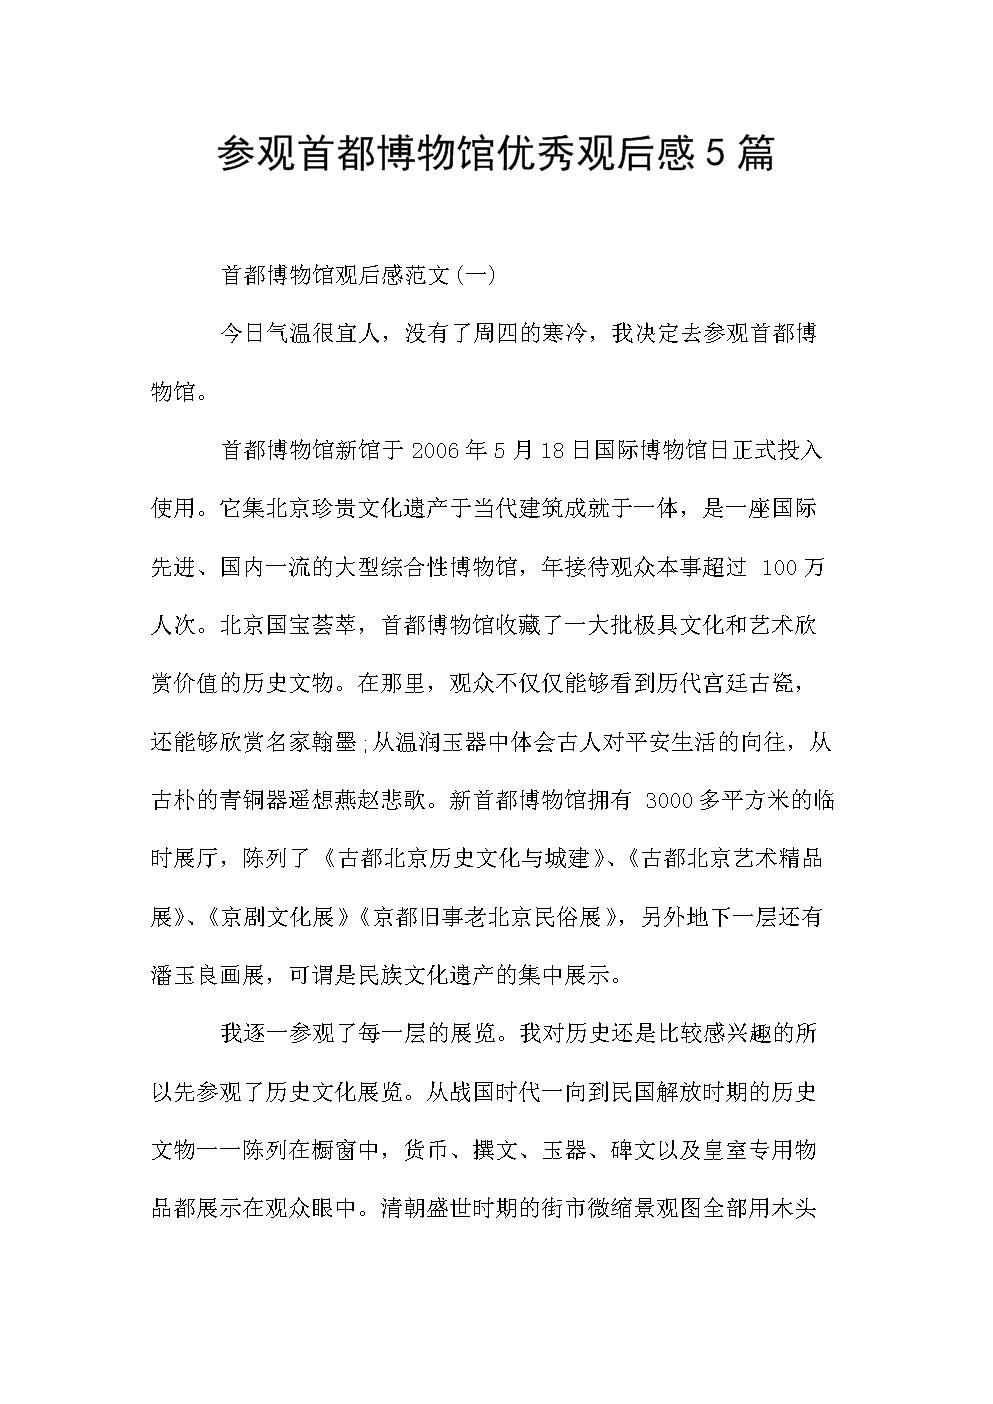 参观首都博物馆优秀观后感5篇.doc